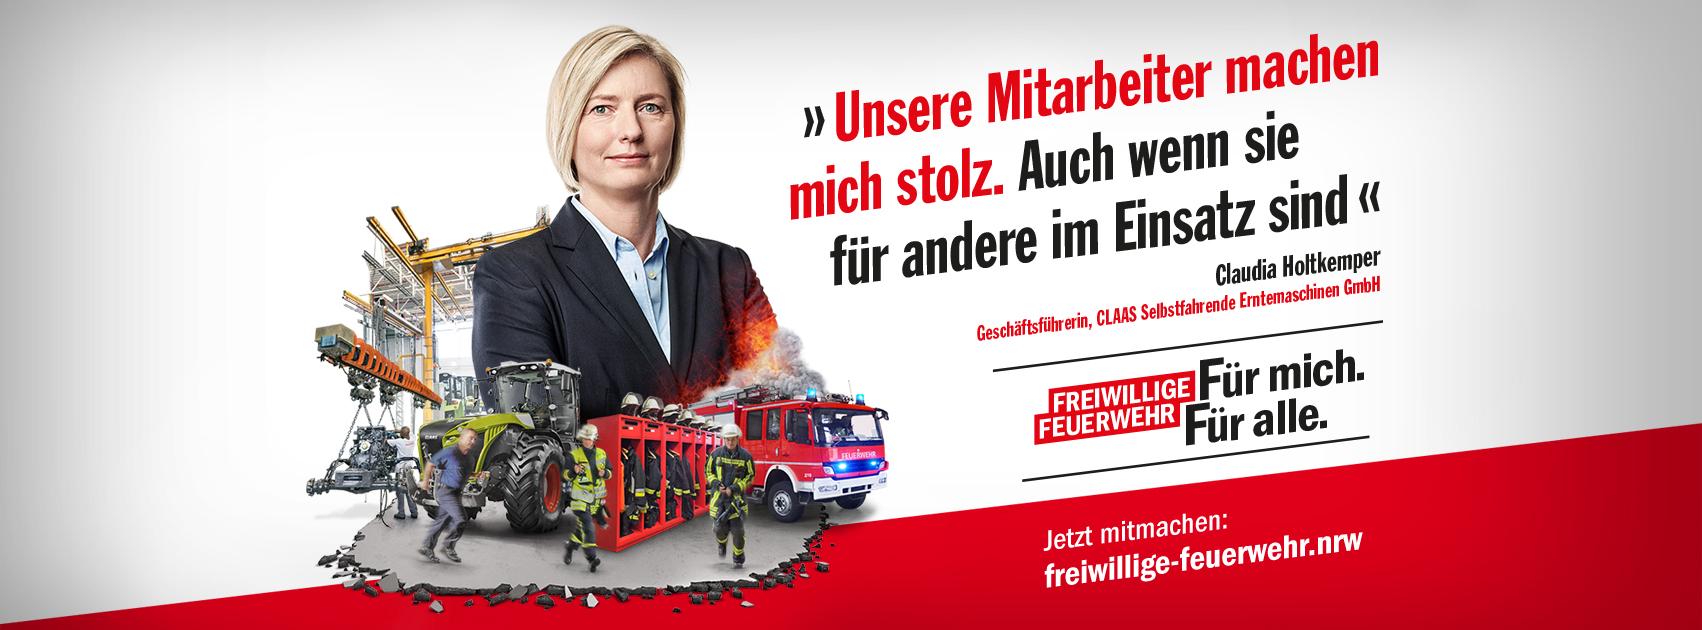 Kampagnenmotive